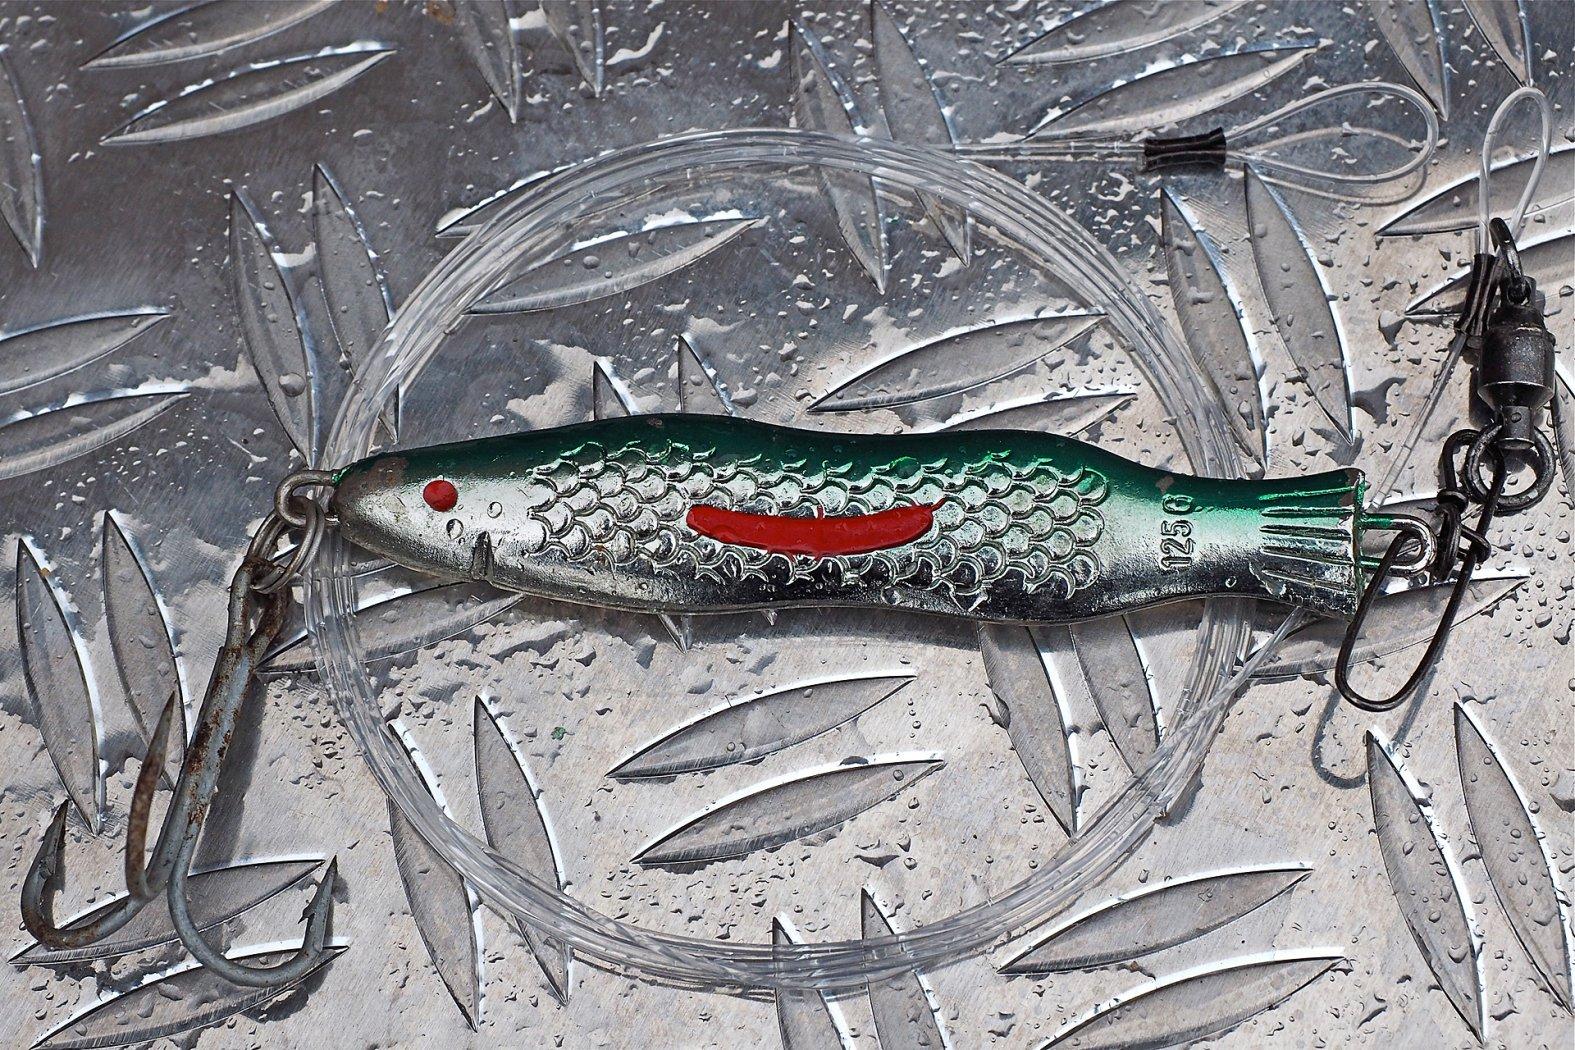 Vorfach zum Seelachs angeln